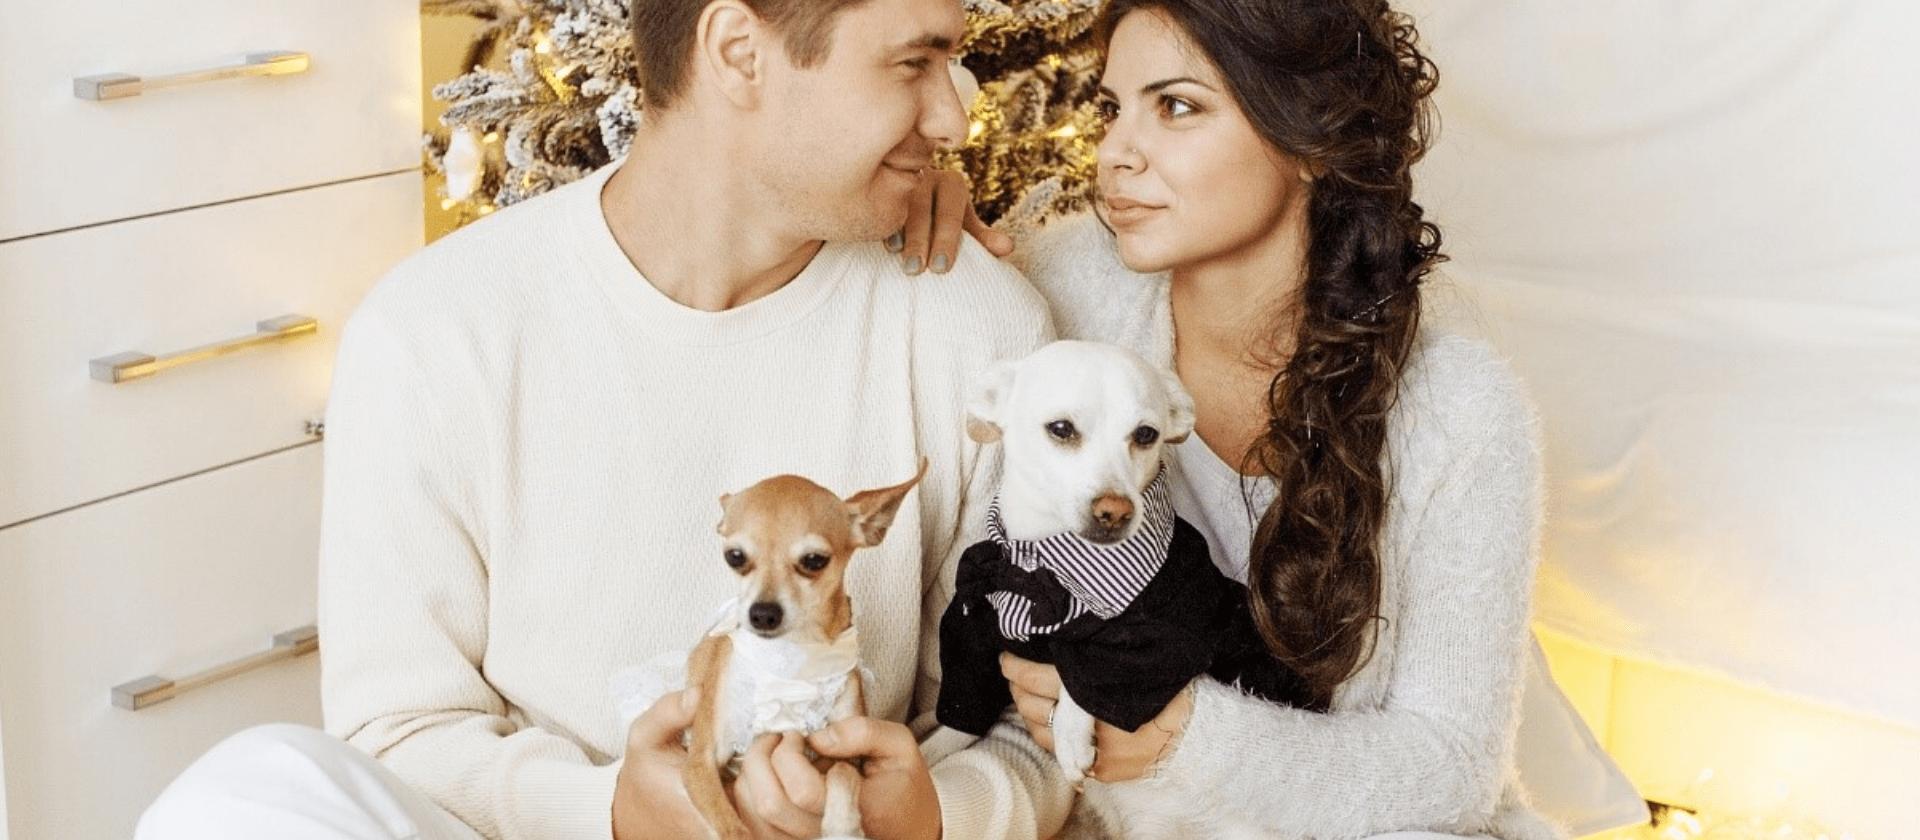 Regalar un perro en Navidad, ¿qué debes saber?